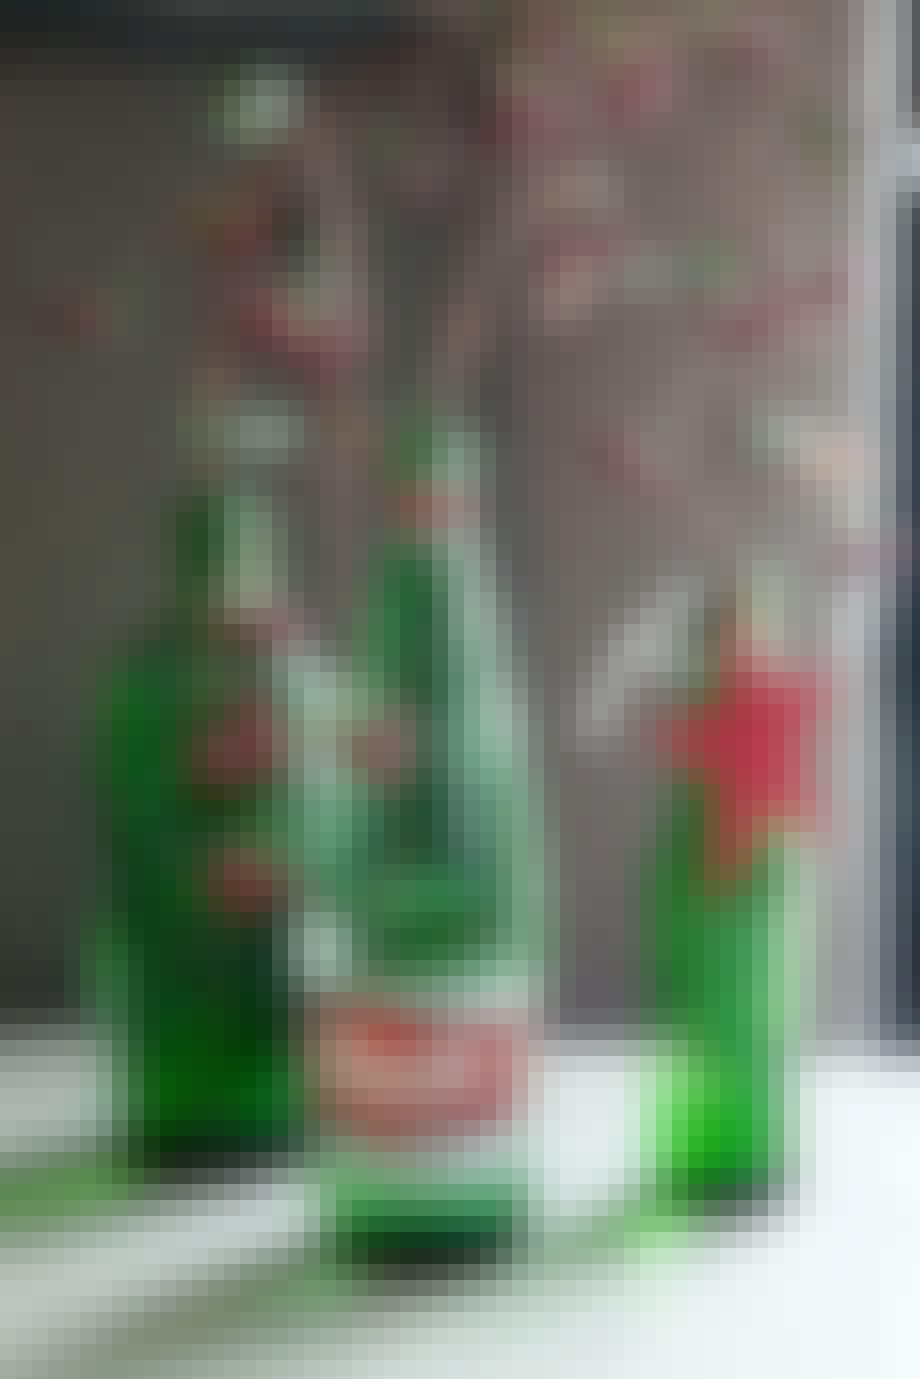 11. Lag grønne flaskevaser